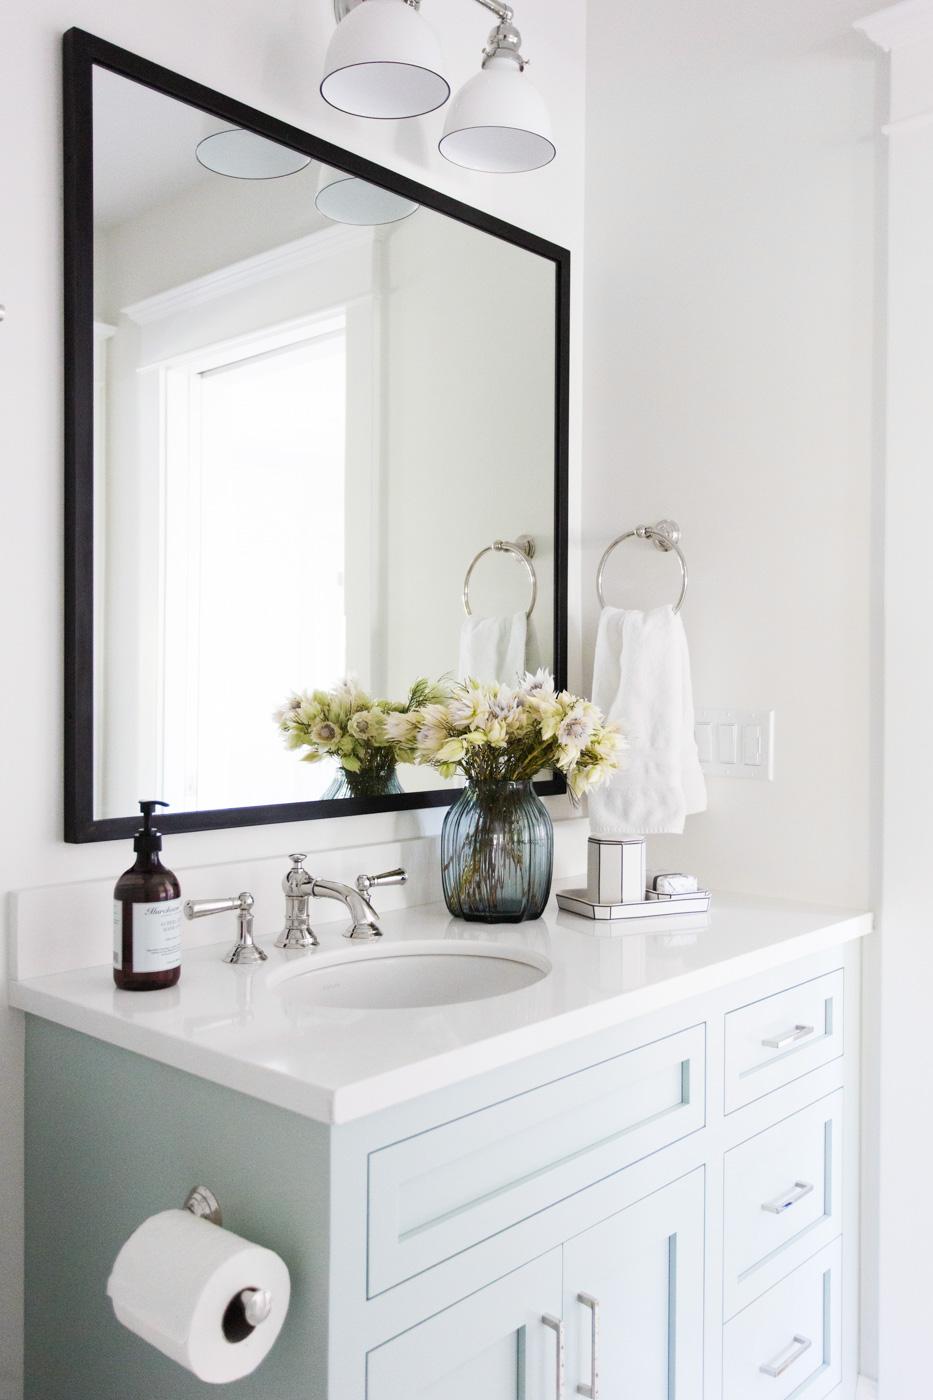 Large mirror behind white bathroom vanity